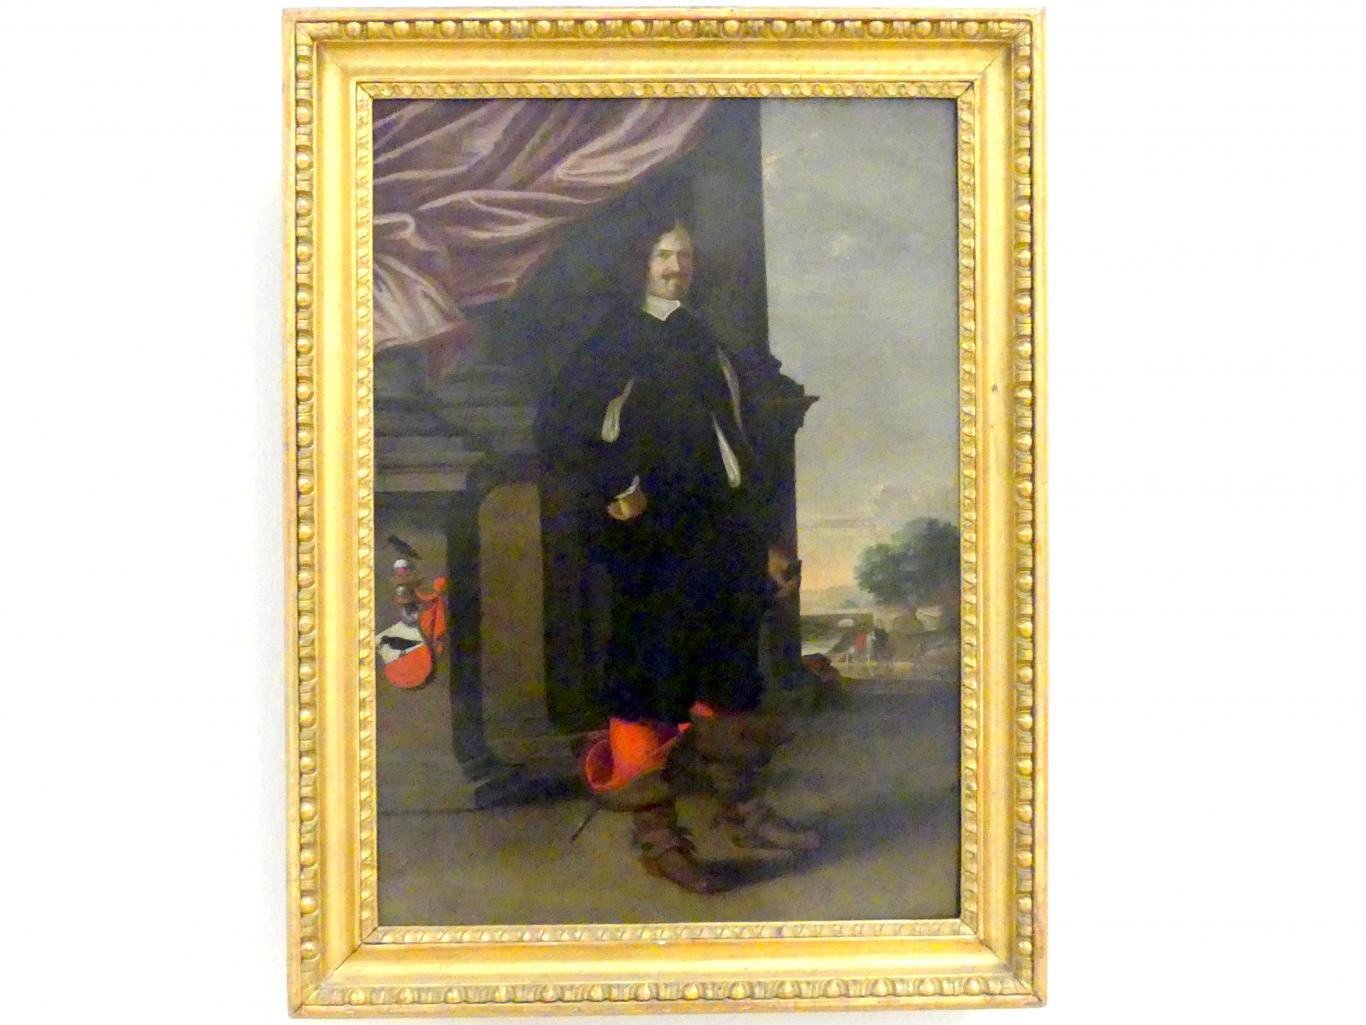 Sigismund Schifer von Freyling (1622-1655) (?), Um 1650